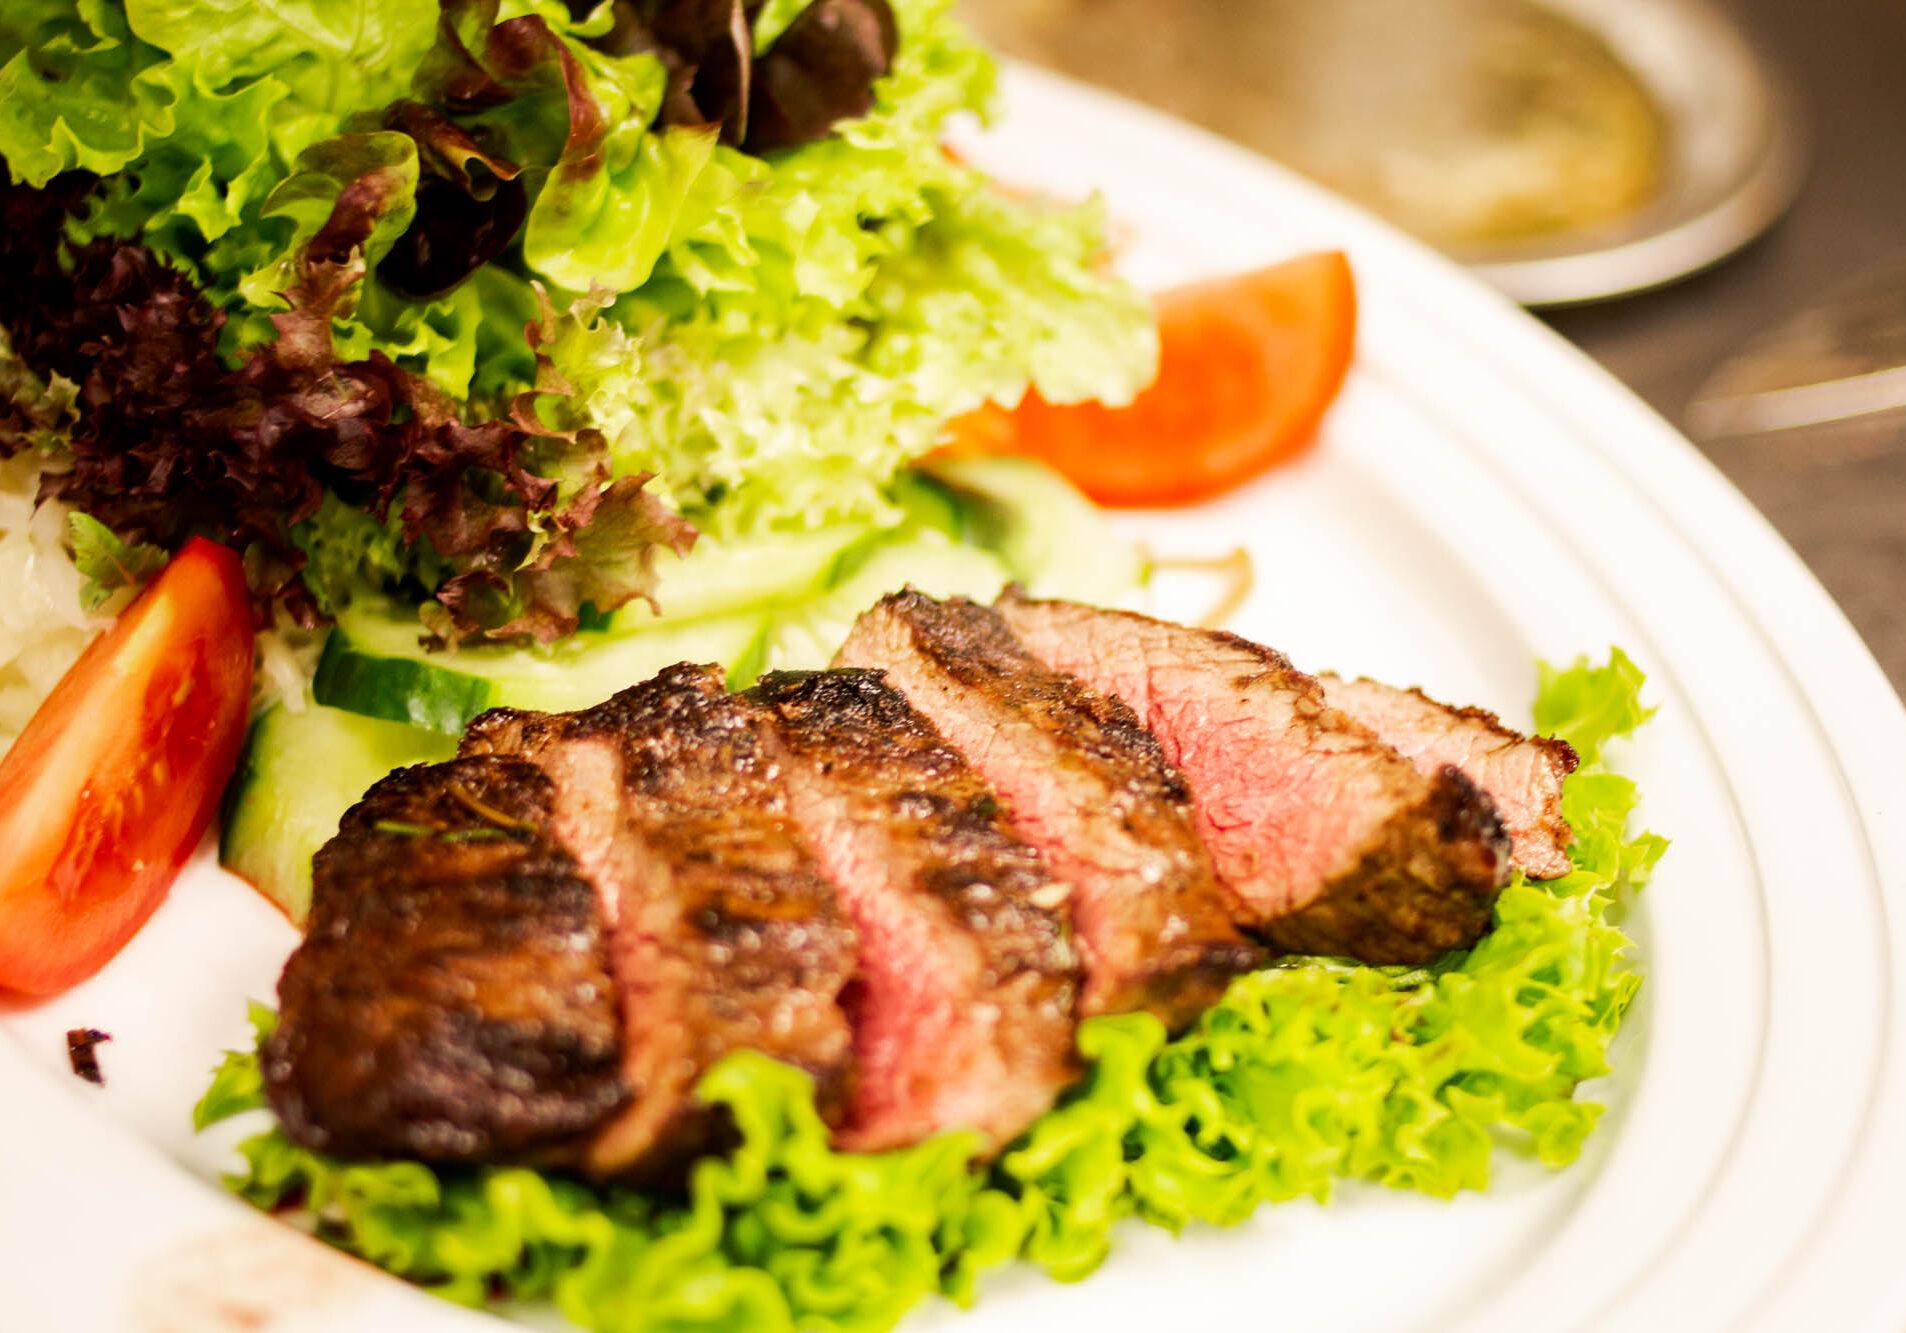 gavesi-restaurant-eching-04062020-3